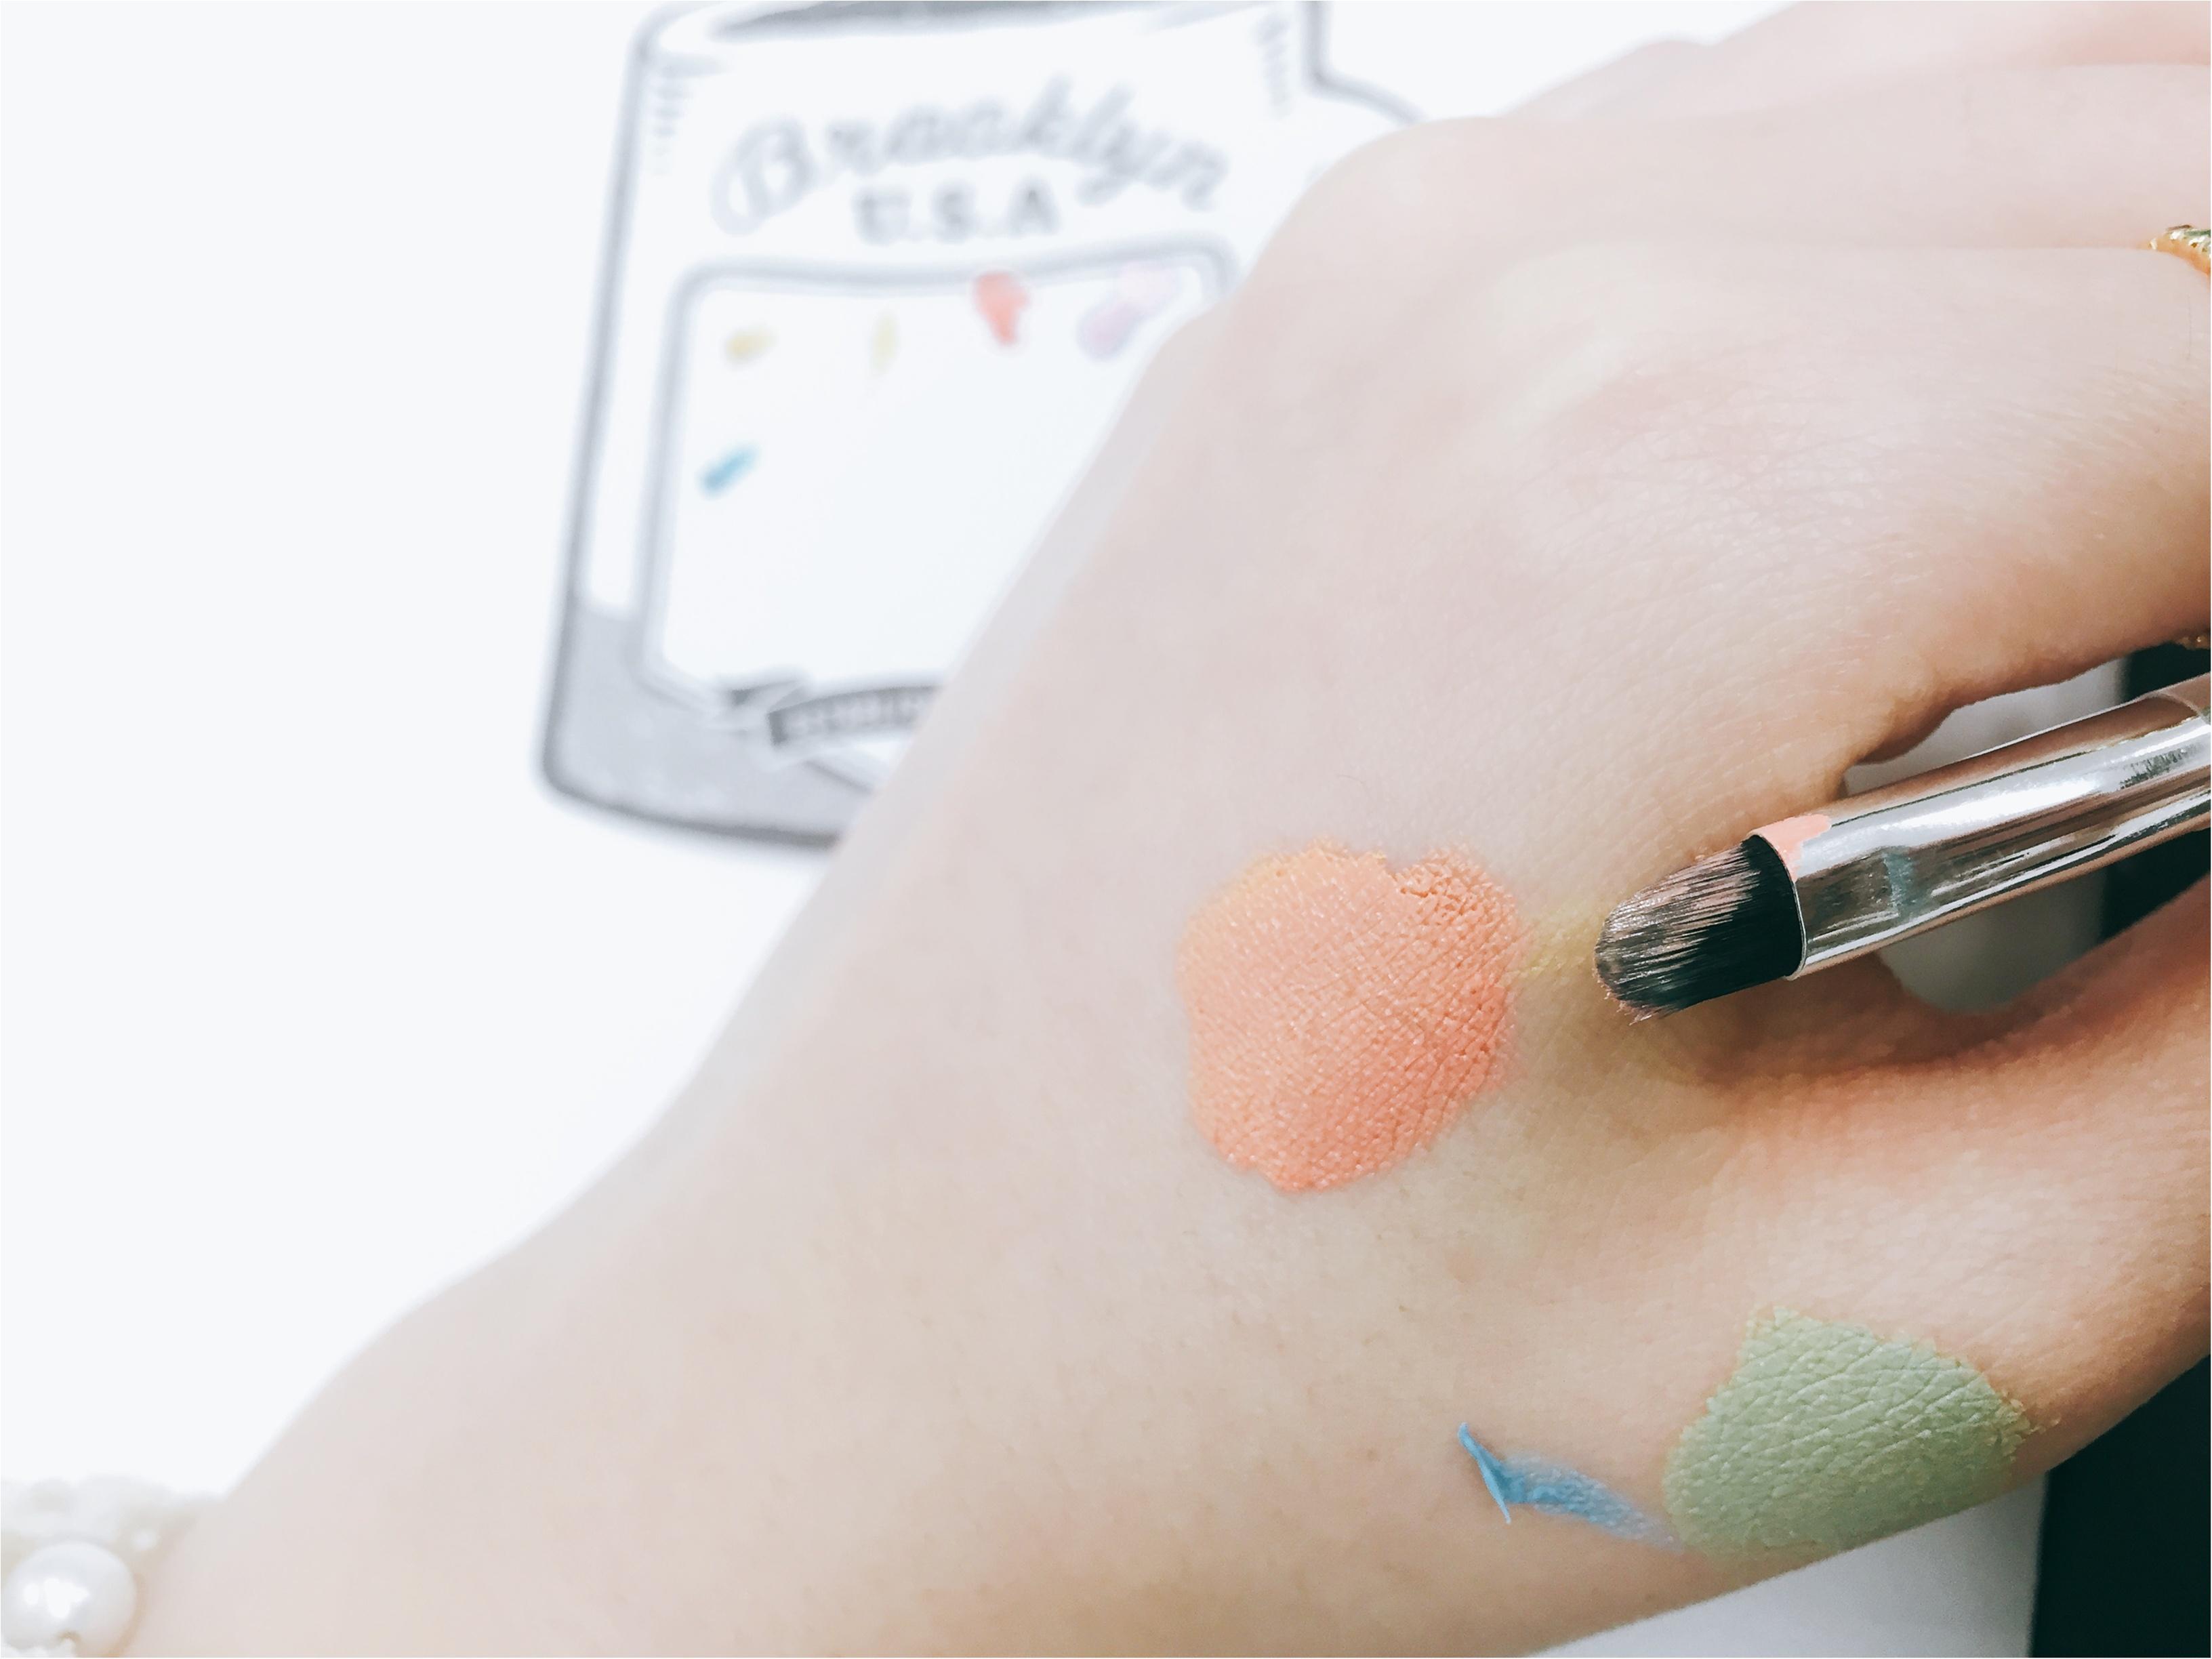 【新作コスメ】まるで絵の具!単色でも複数色を混ぜても楽しめる♡1本6役の「資生堂 PLAYLIST/MULTI PAINTER」をお試し♩_3_4